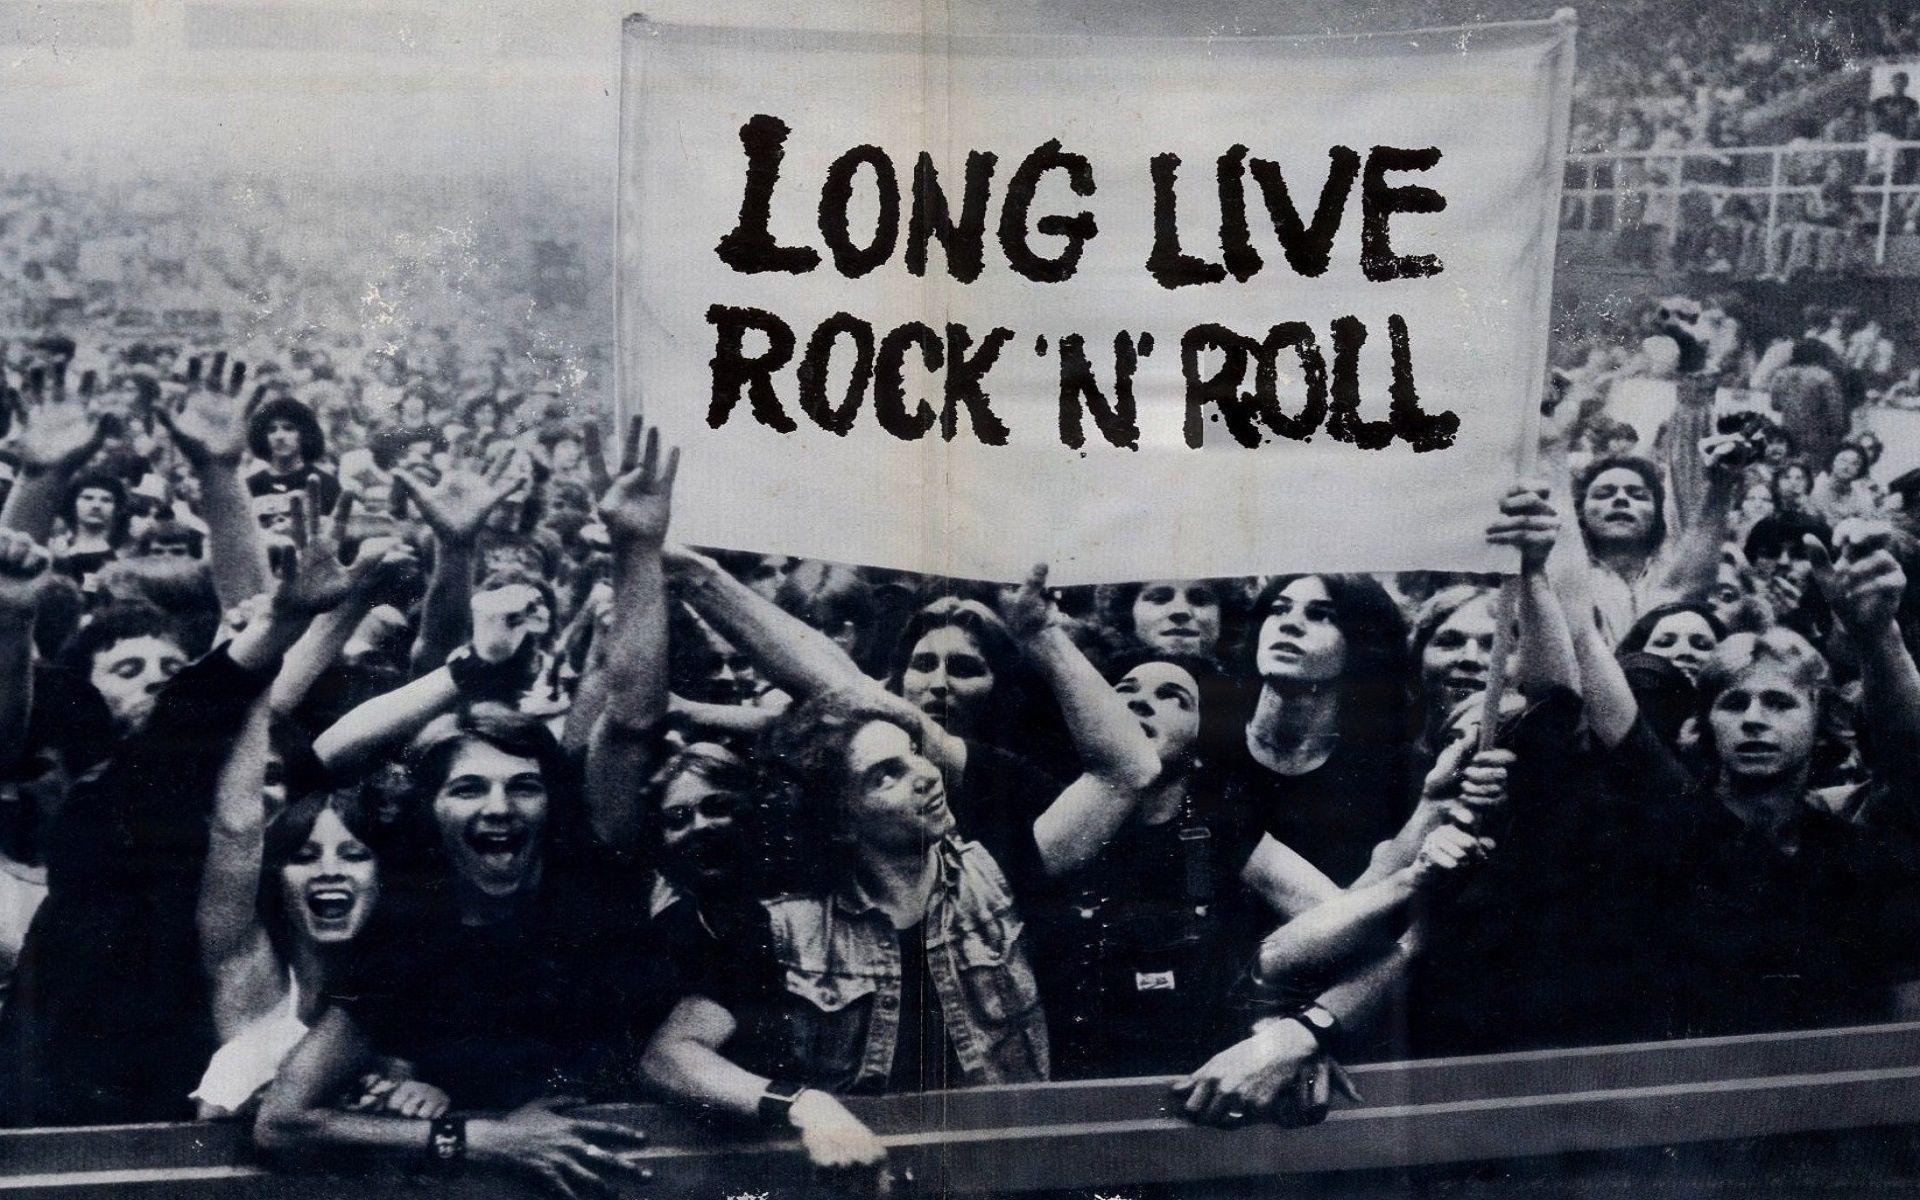 Cuatro horas al palo con rock del bueno - Radio Cantilo